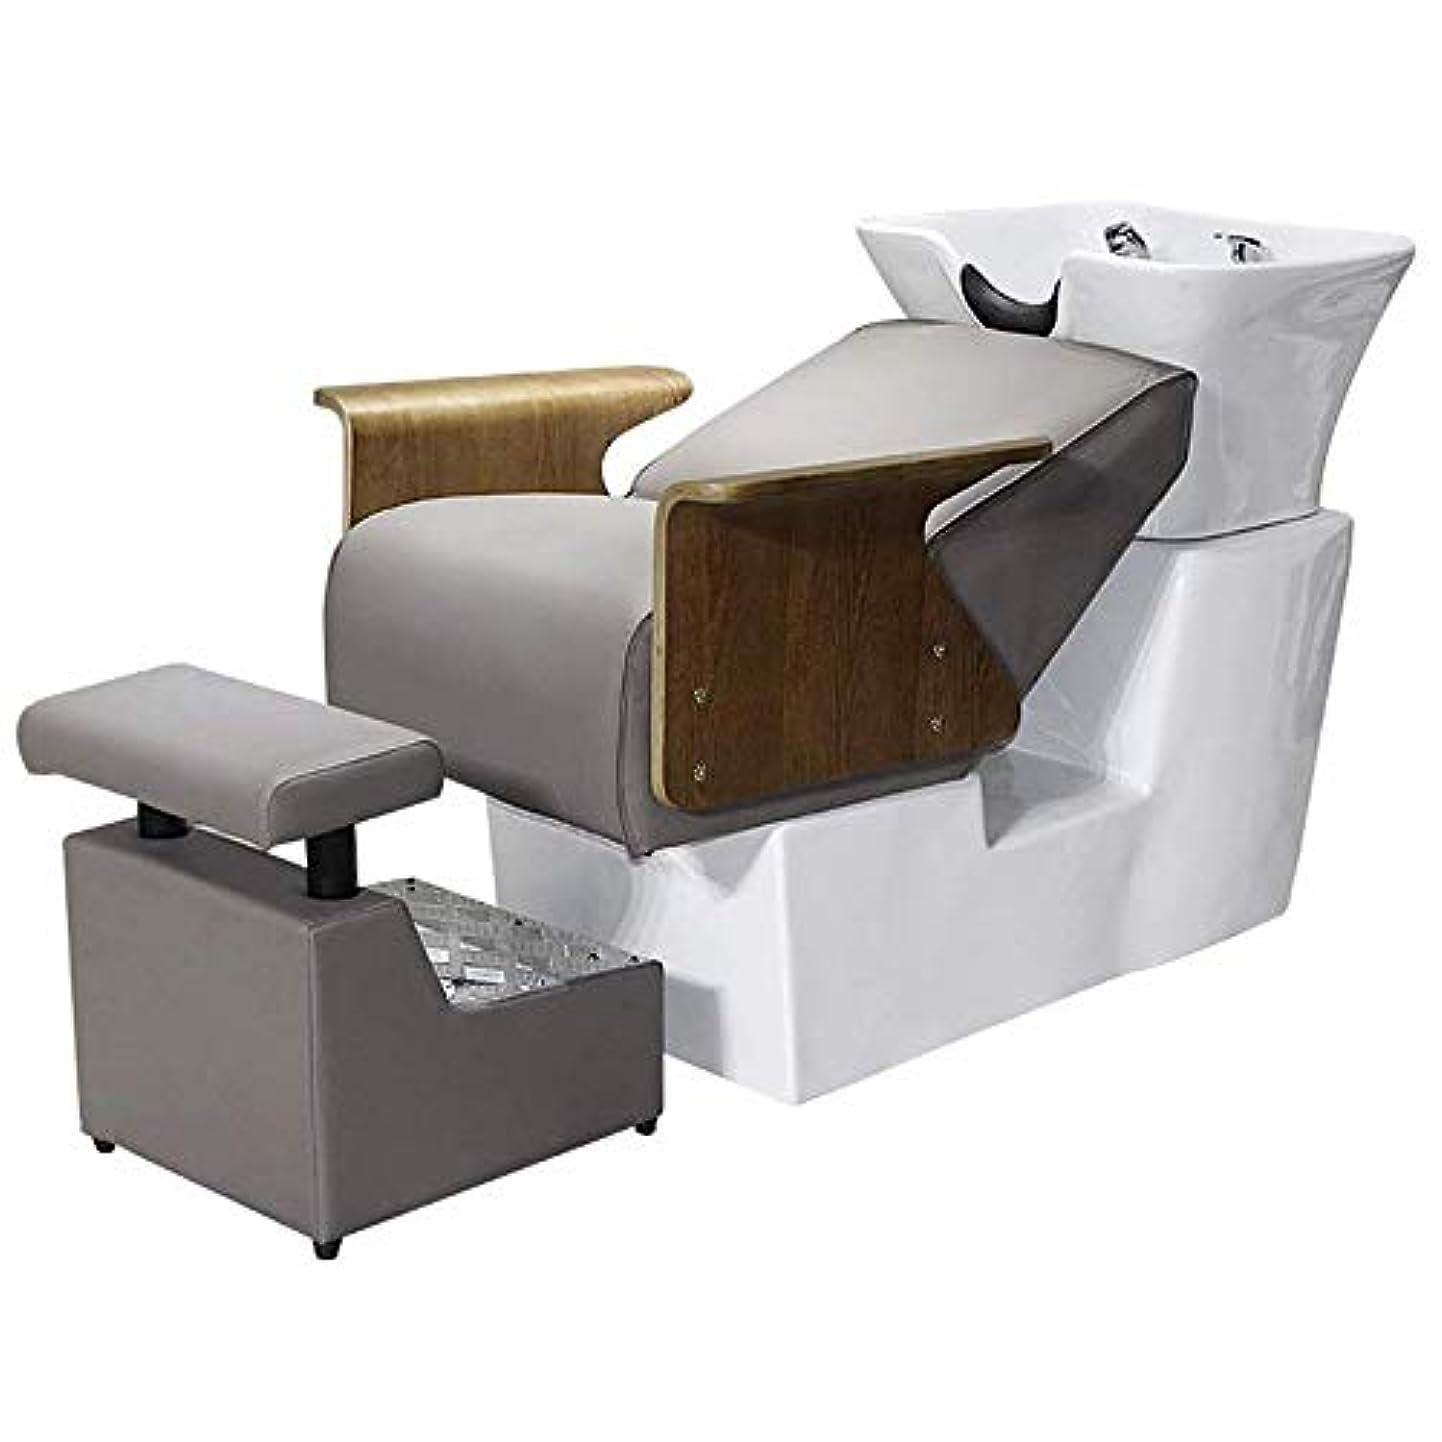 剣両方褐色サロン用シャンプー椅子とボウル、 セラミック洗面器シャンプーベッド逆洗ユニットシャンプーボウル理髪シンク椅子用スパビューティーサロン機器